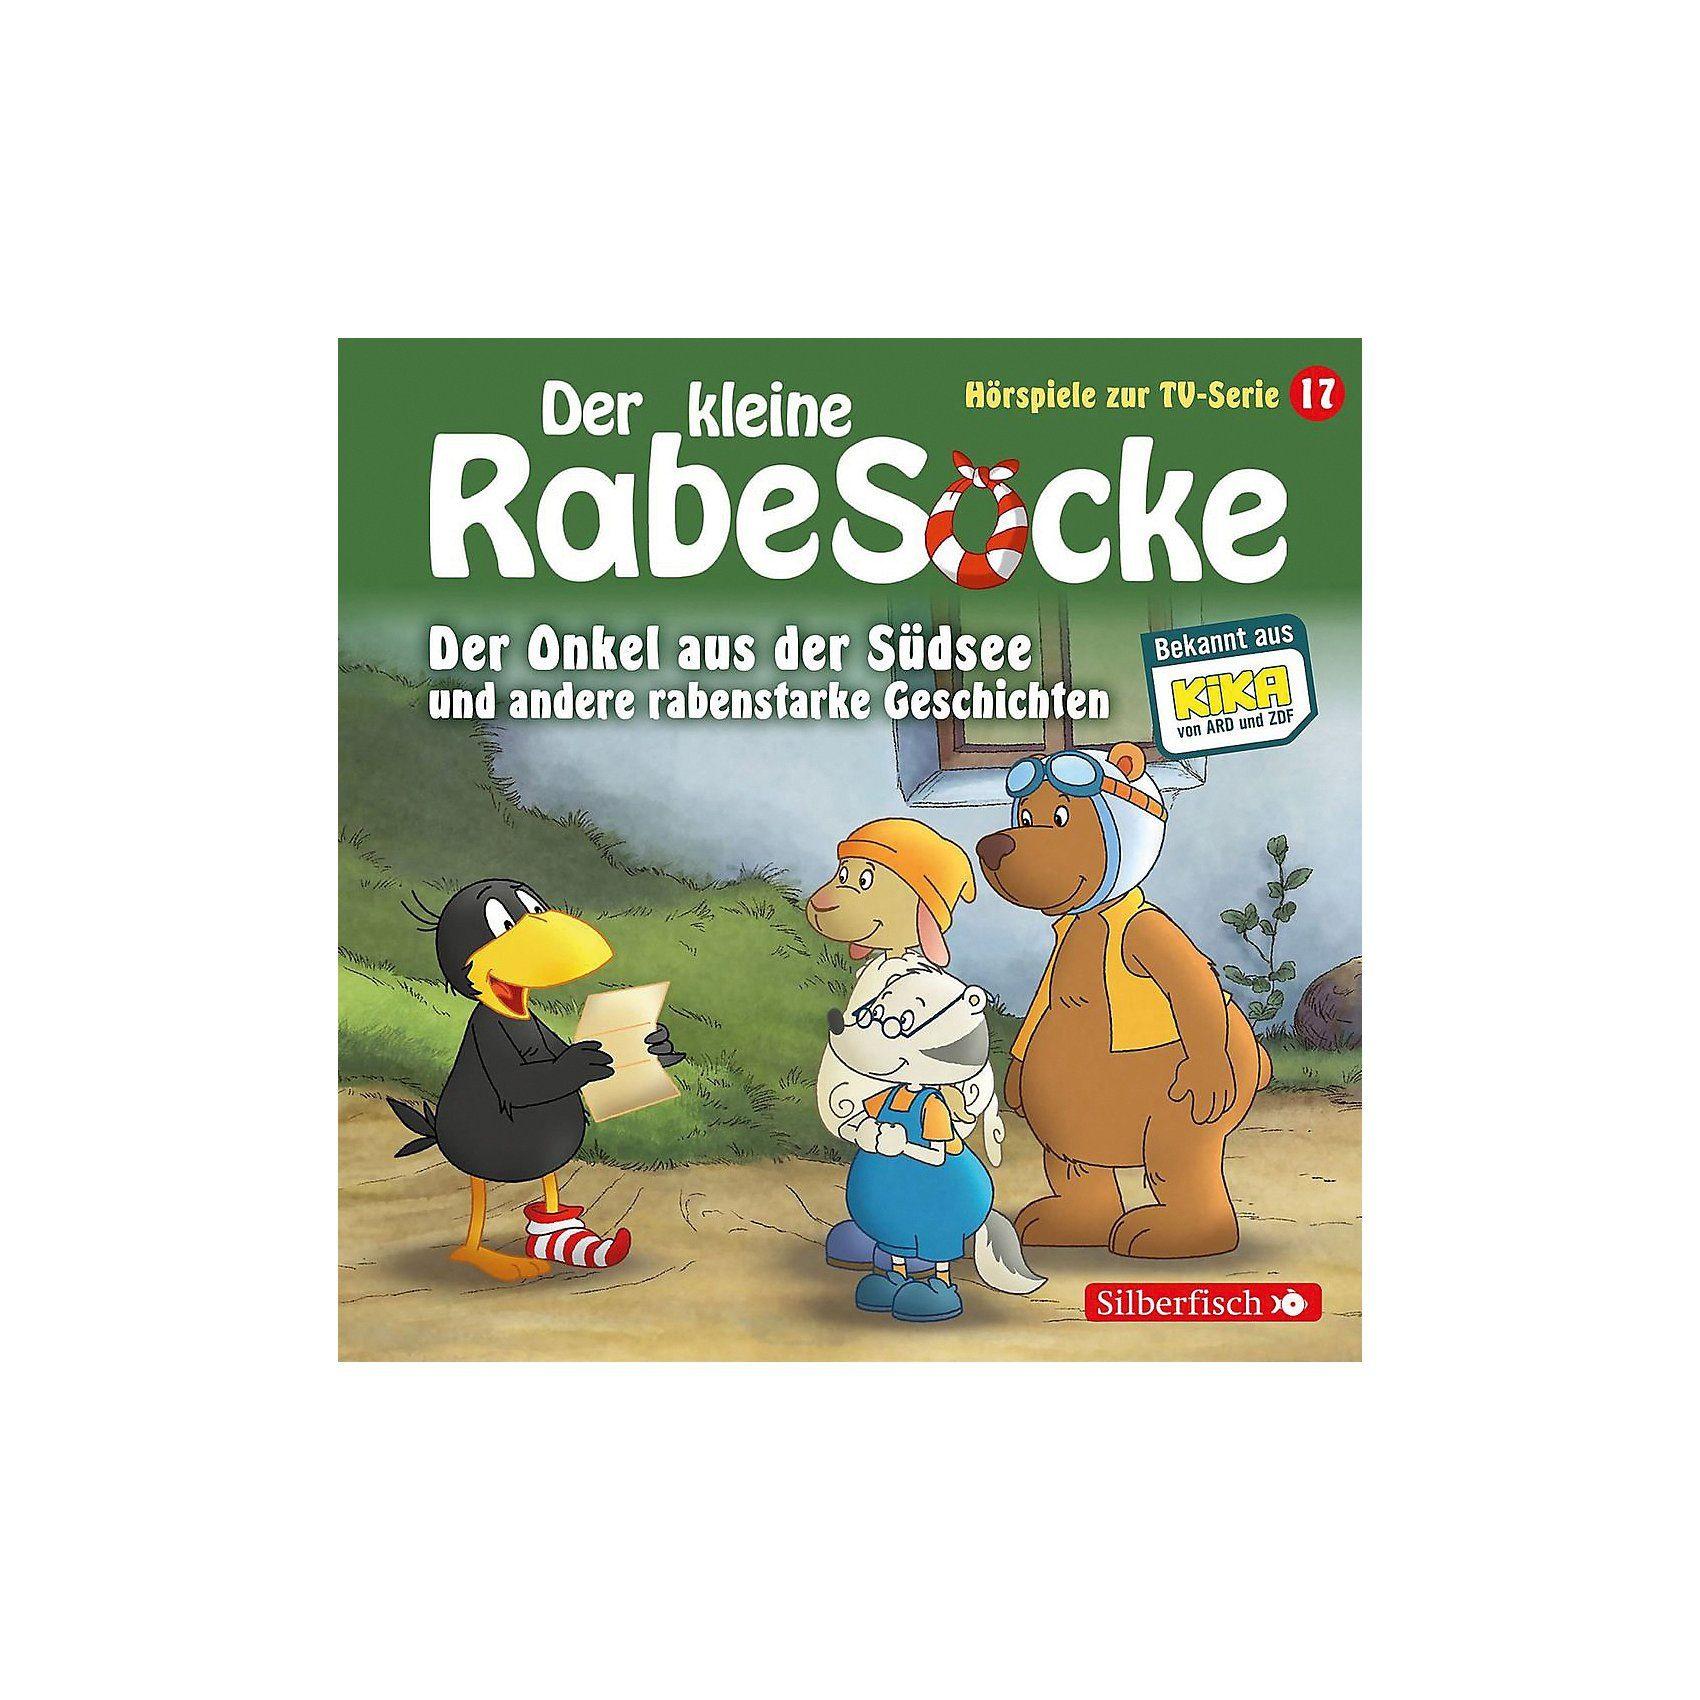 Universal CD Der Kleine Rabe Socke 17 - Der Onkel aus der Südsee u. a.